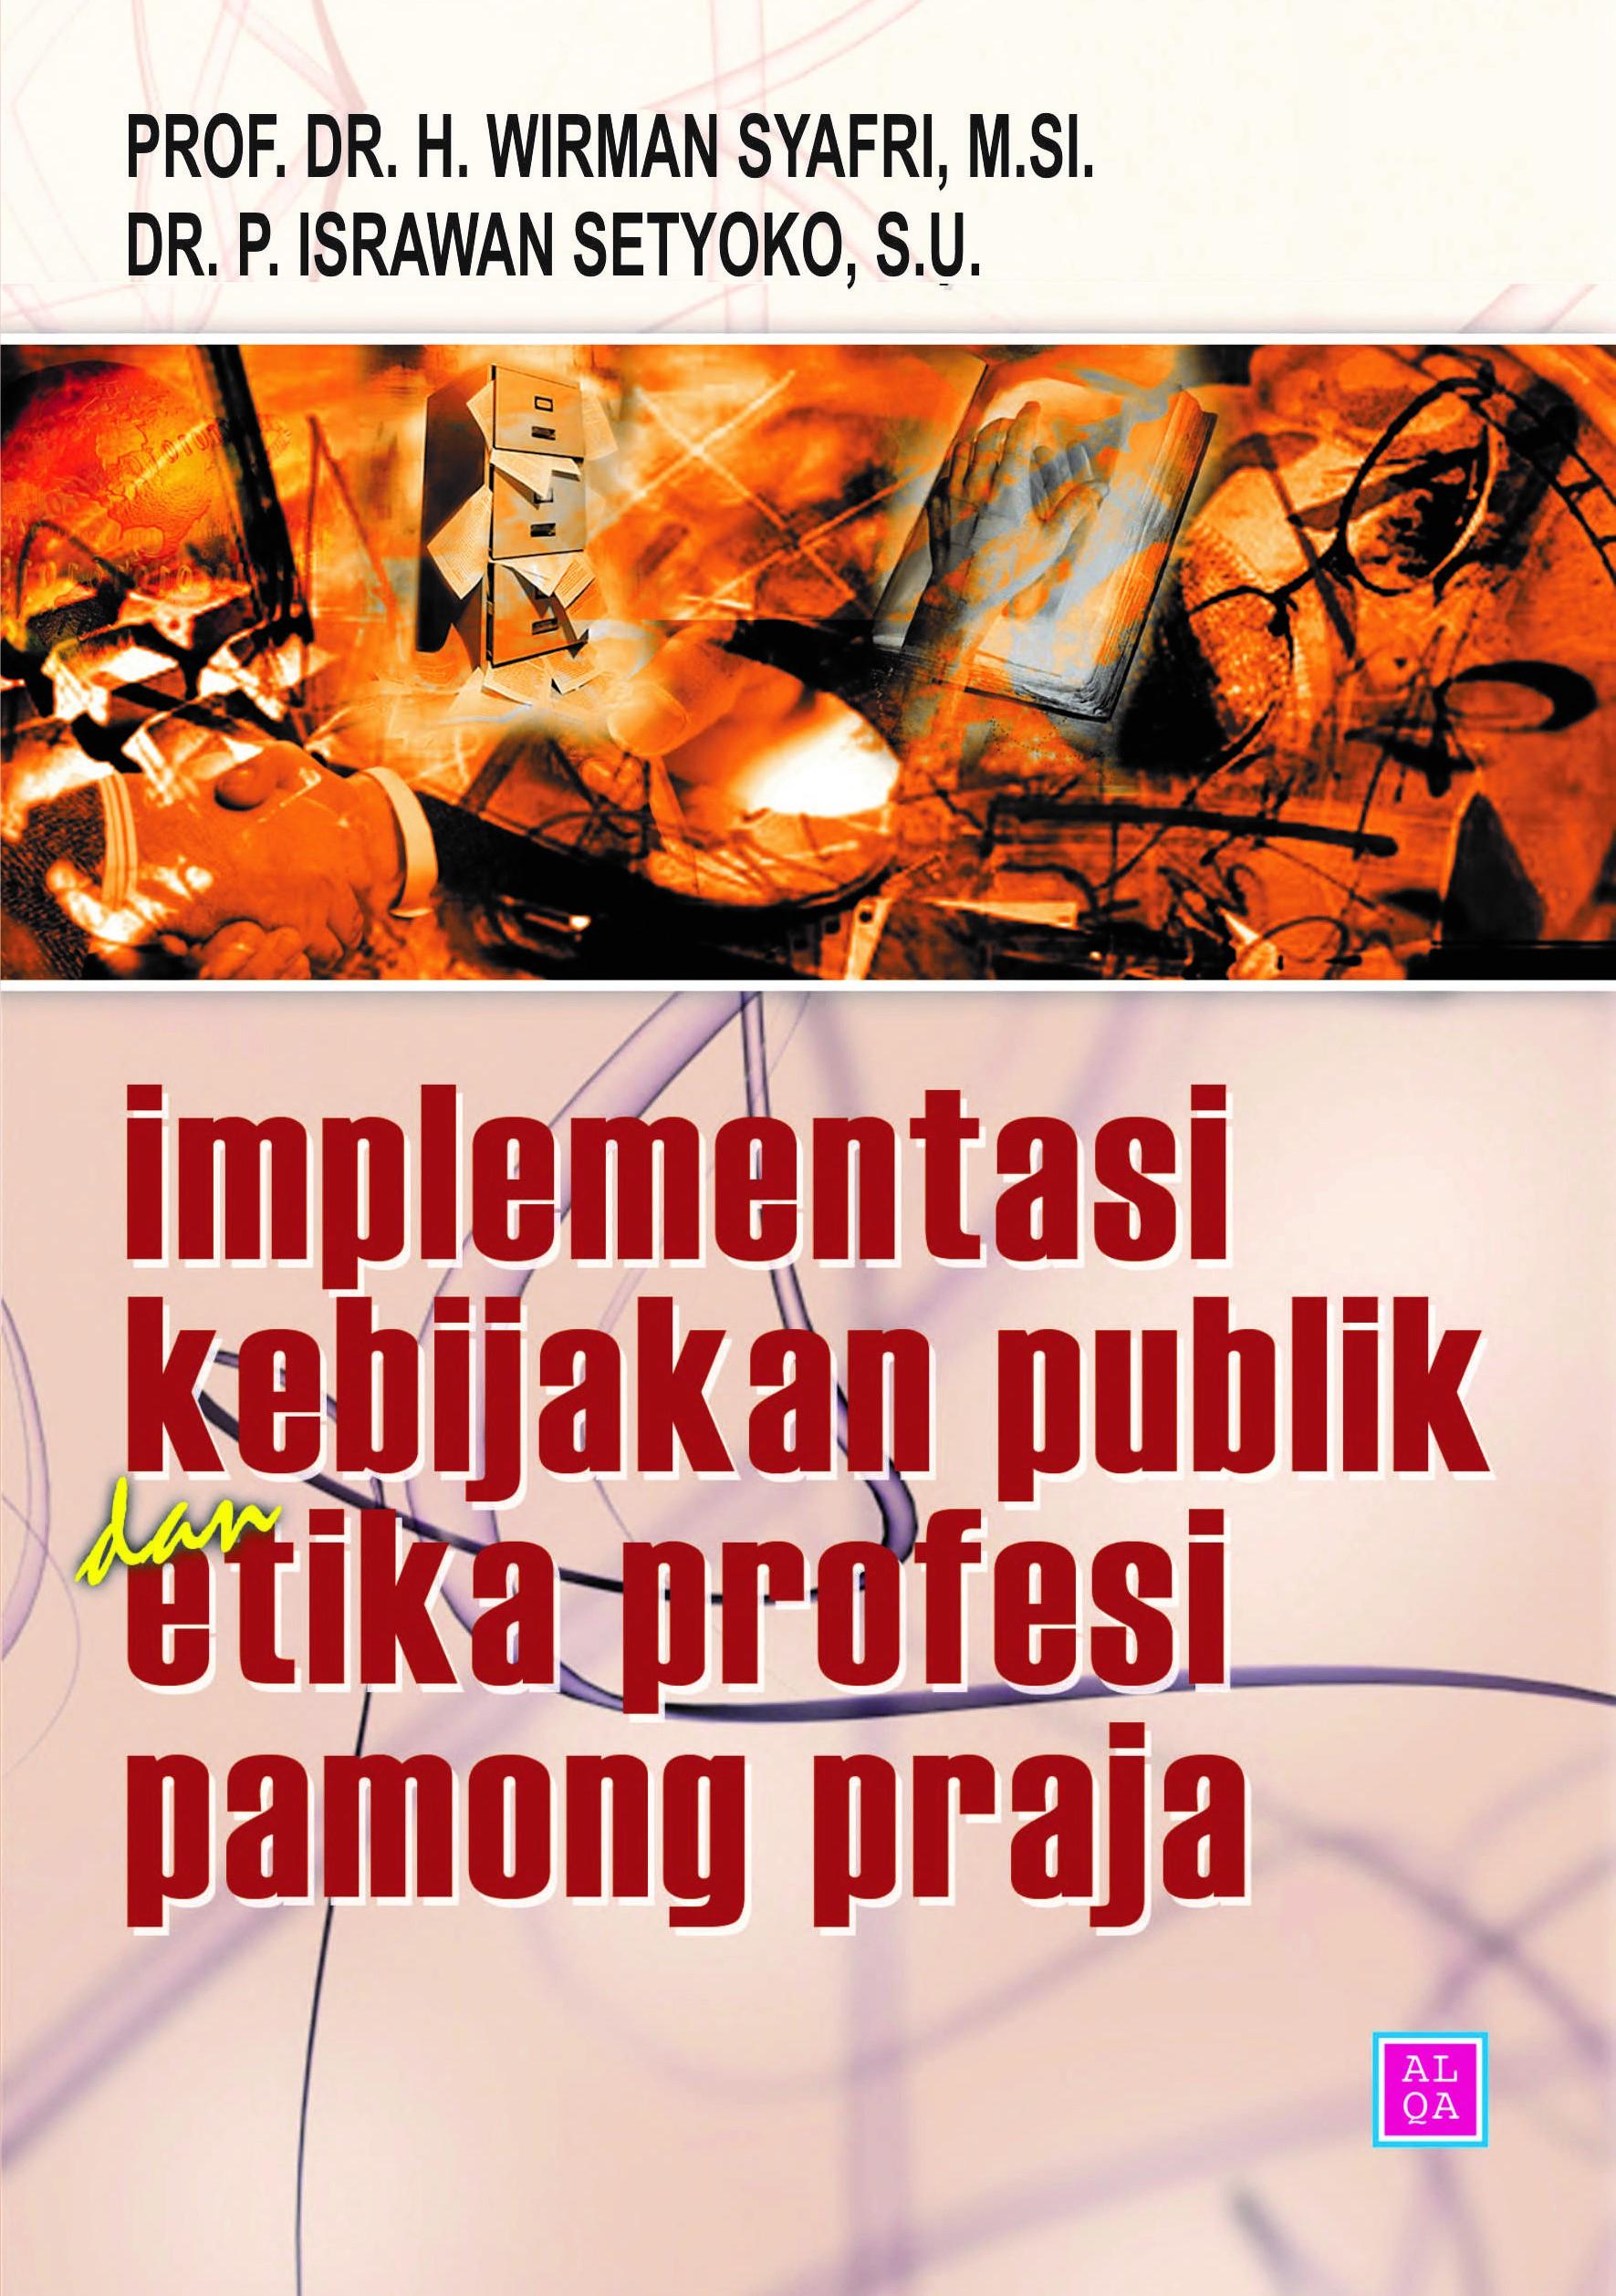 Implementasi kebijakan publik dan etika profesi pamong praja [sumber elektronis]